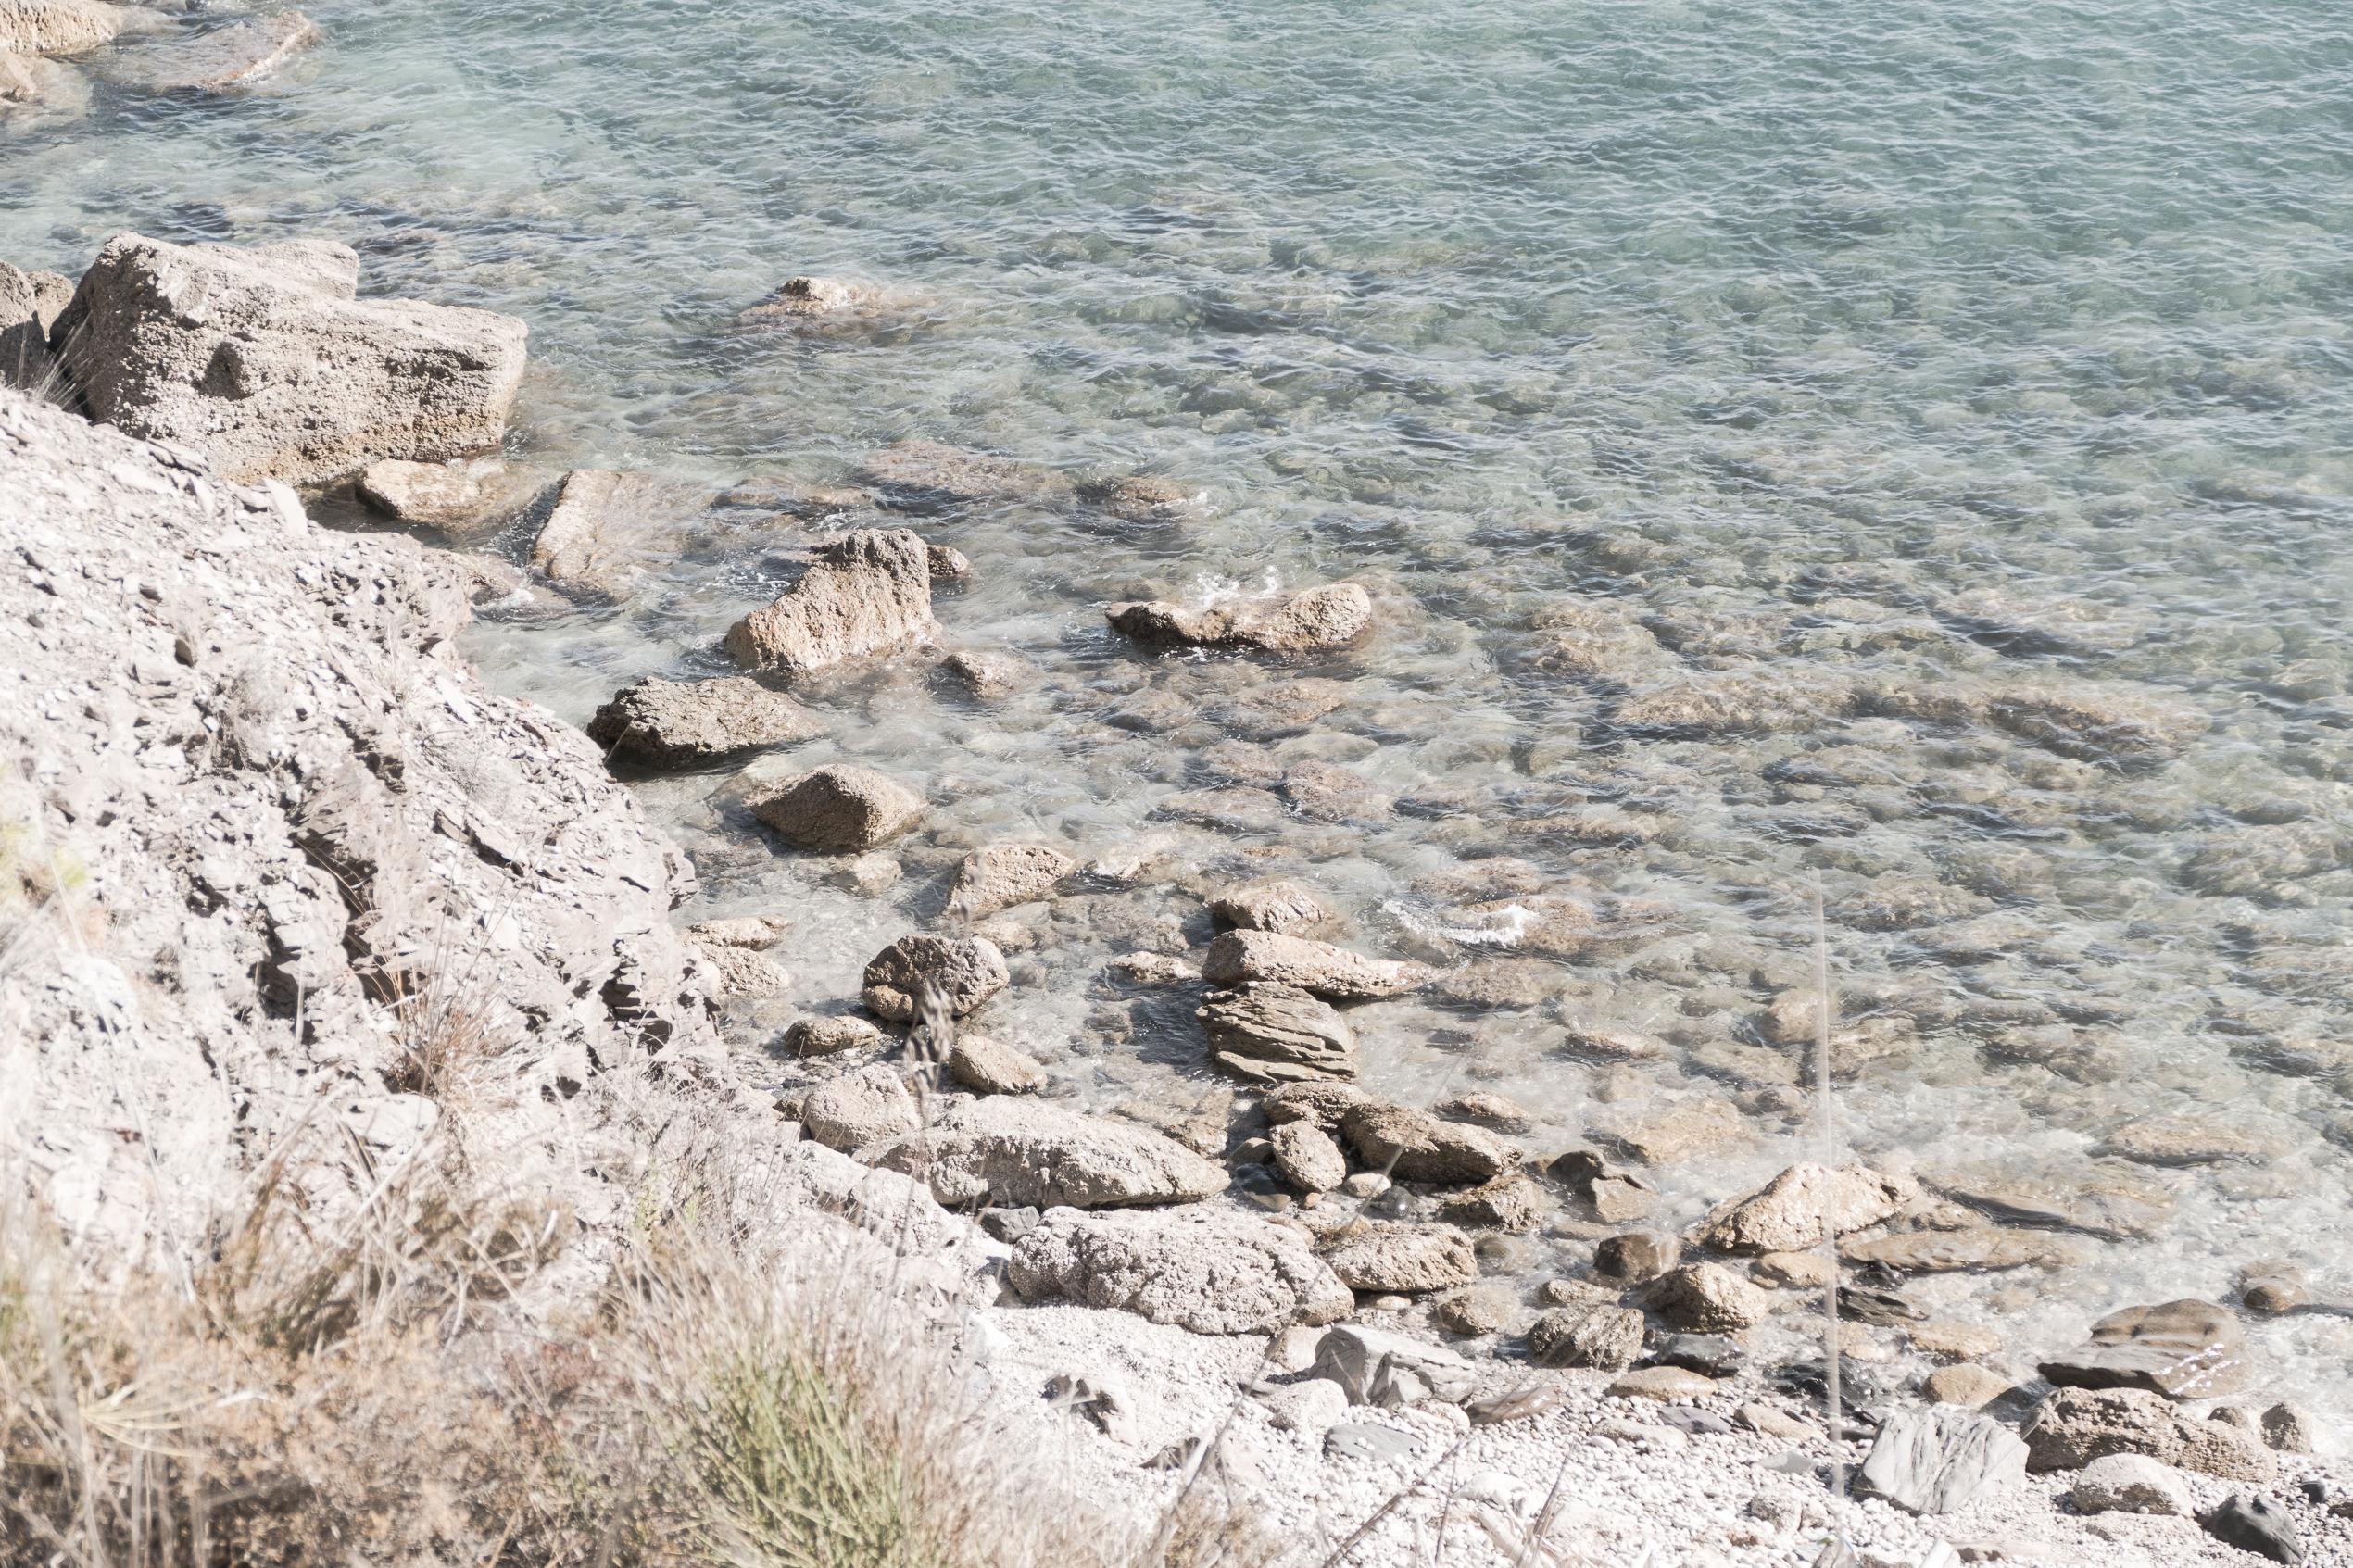 Apaggia Lunga – Cala Lunga